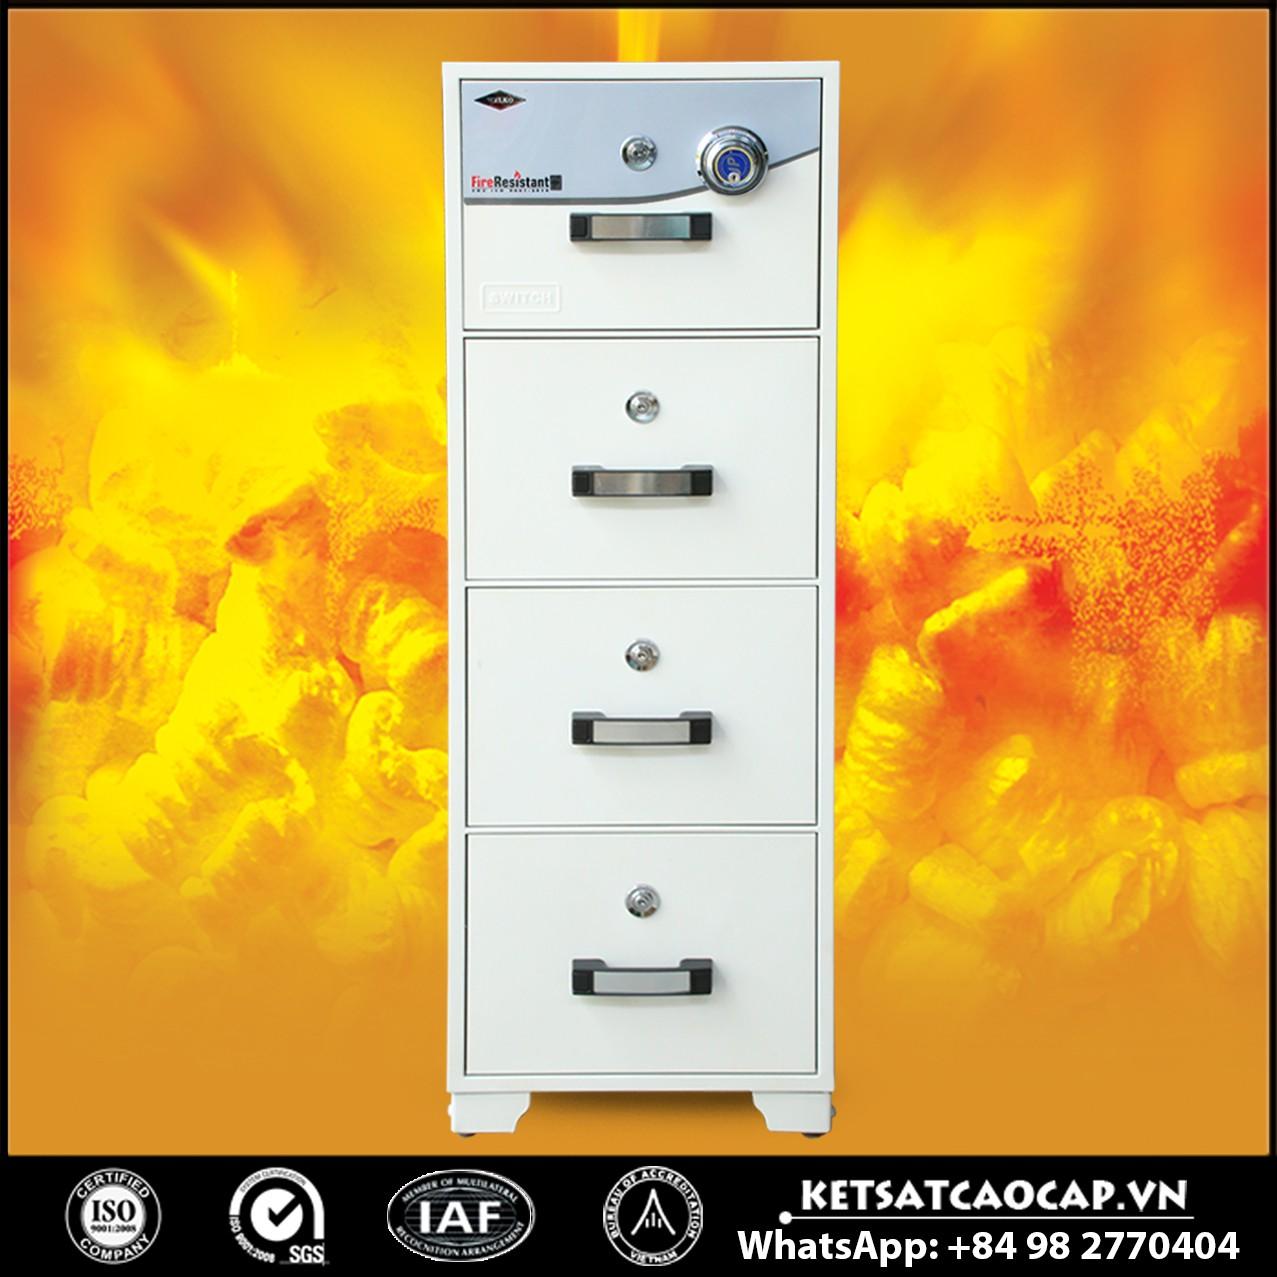 Tủ Hồ Sơ Chống Cháy WELKO S400 DK White